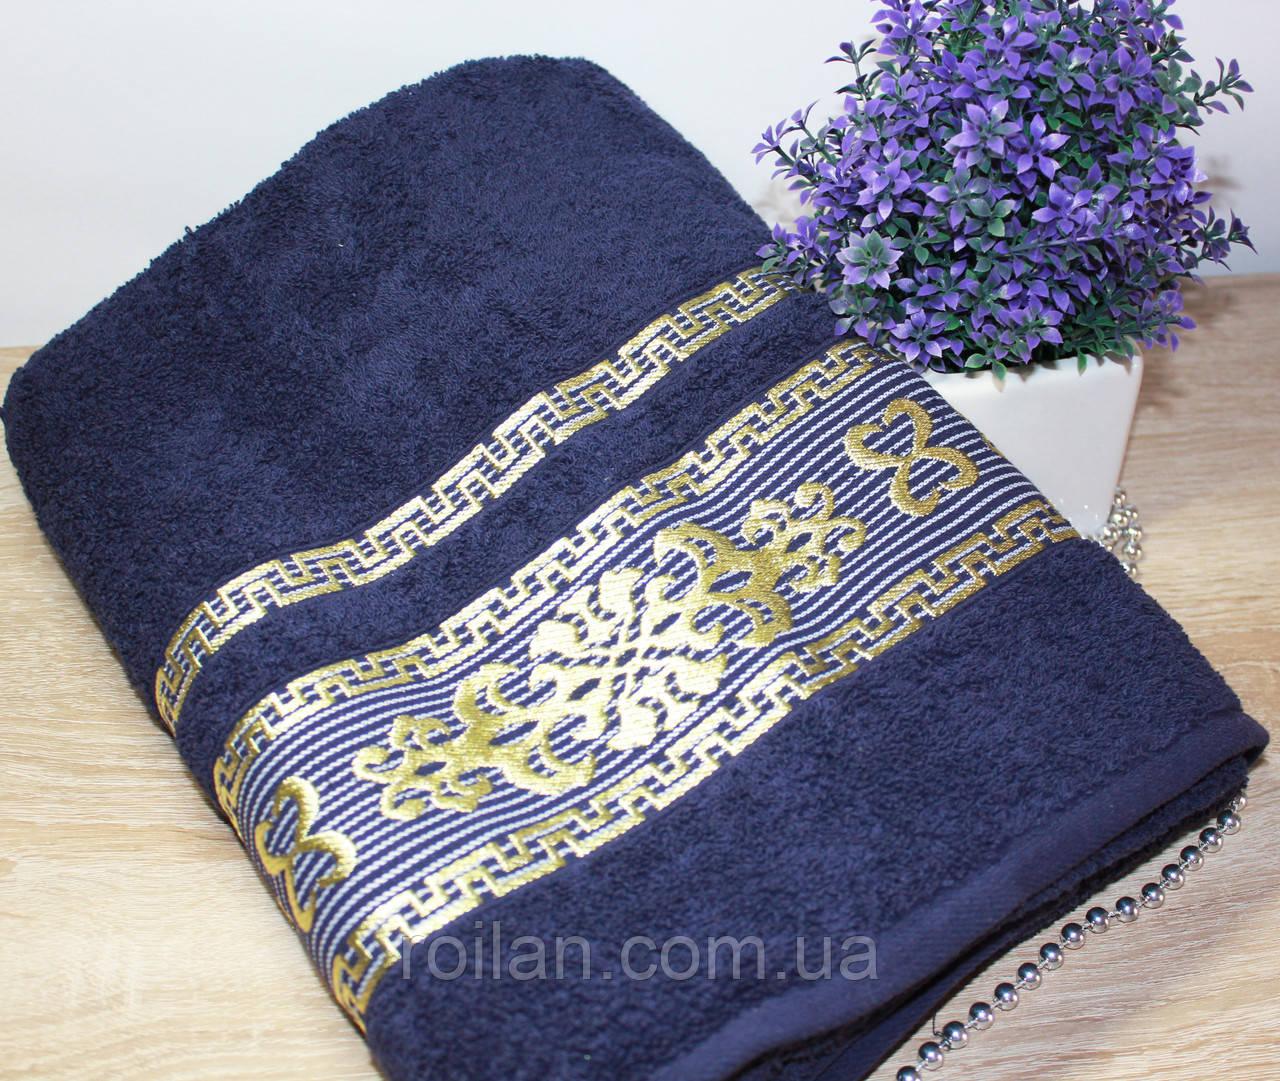 Банний турецьке рушники Синій колір